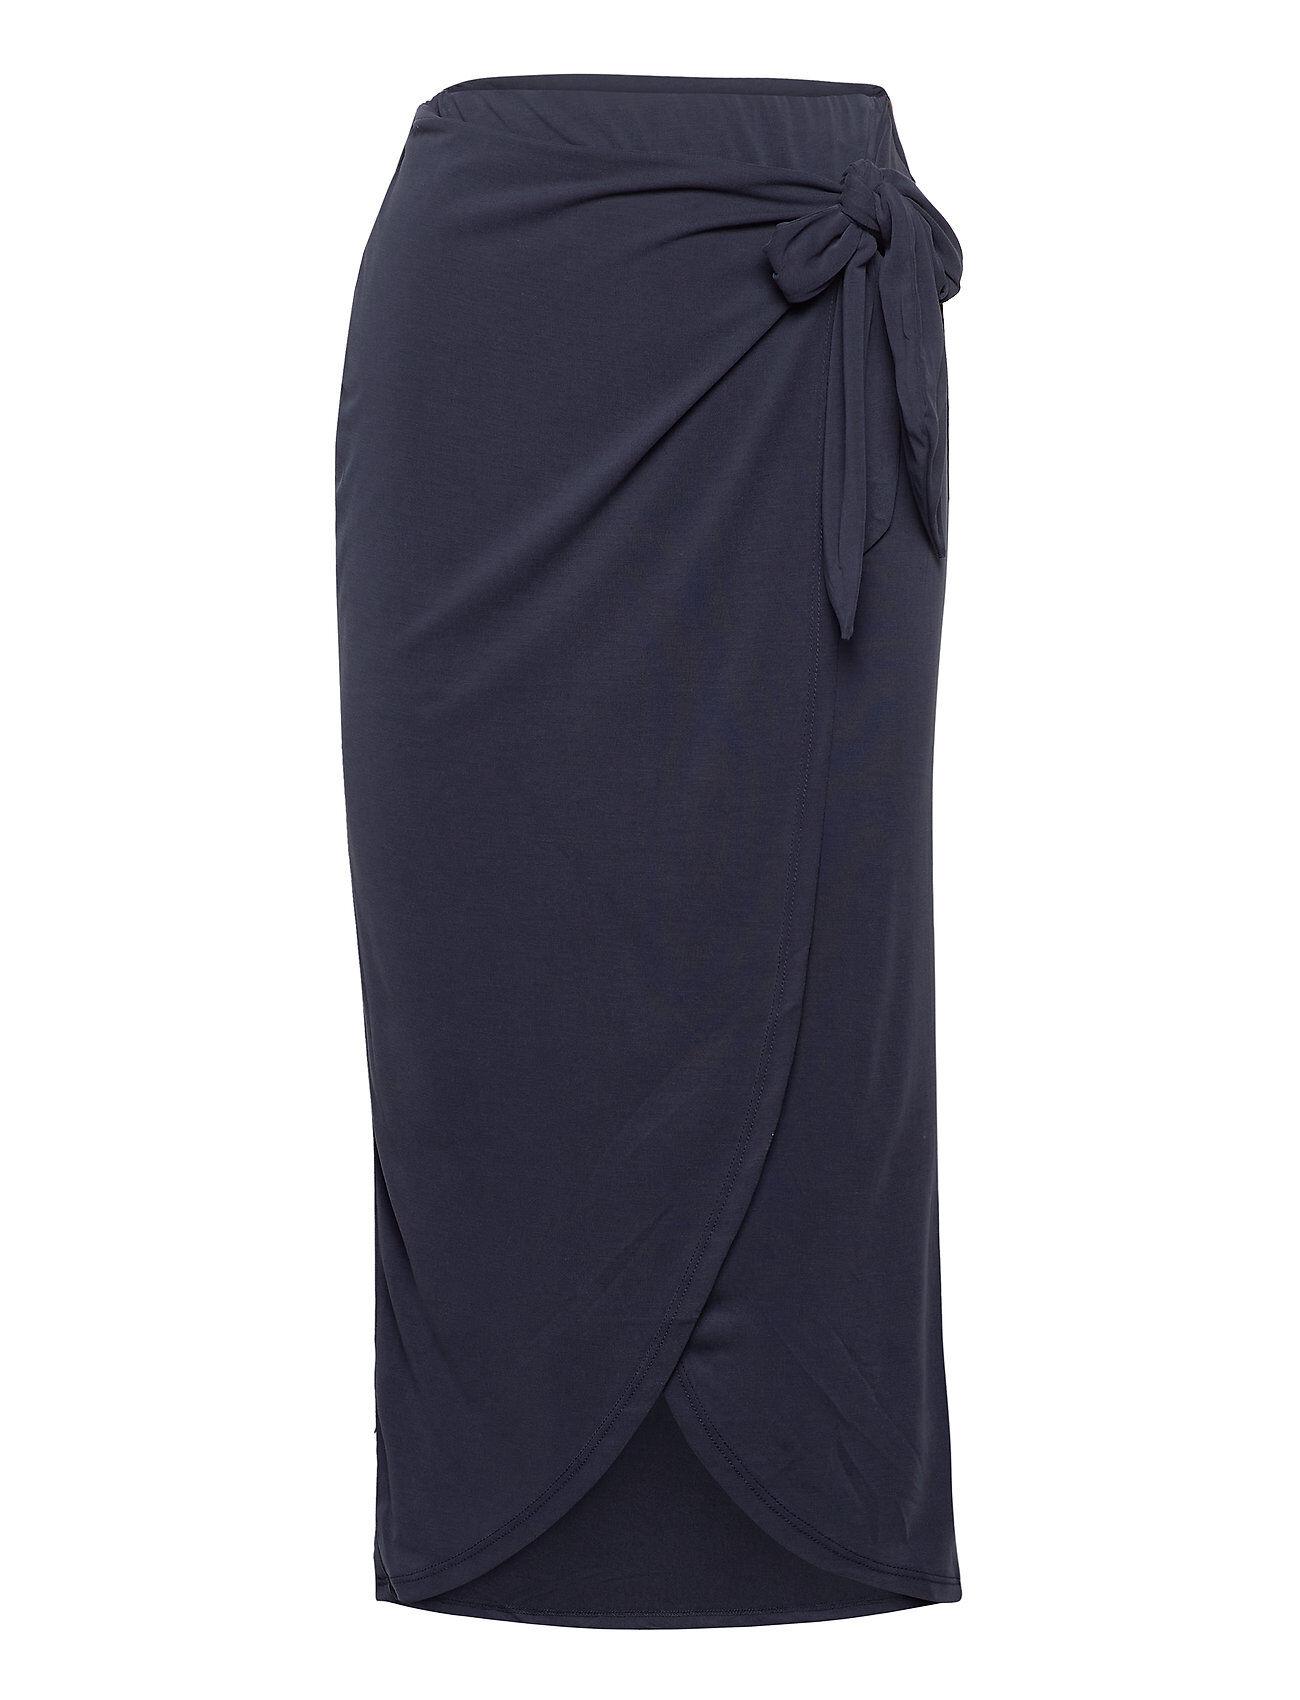 Soaked in Luxury Slcoluni Skirt Polvipituinen Hame Sininen Soaked In Luxury